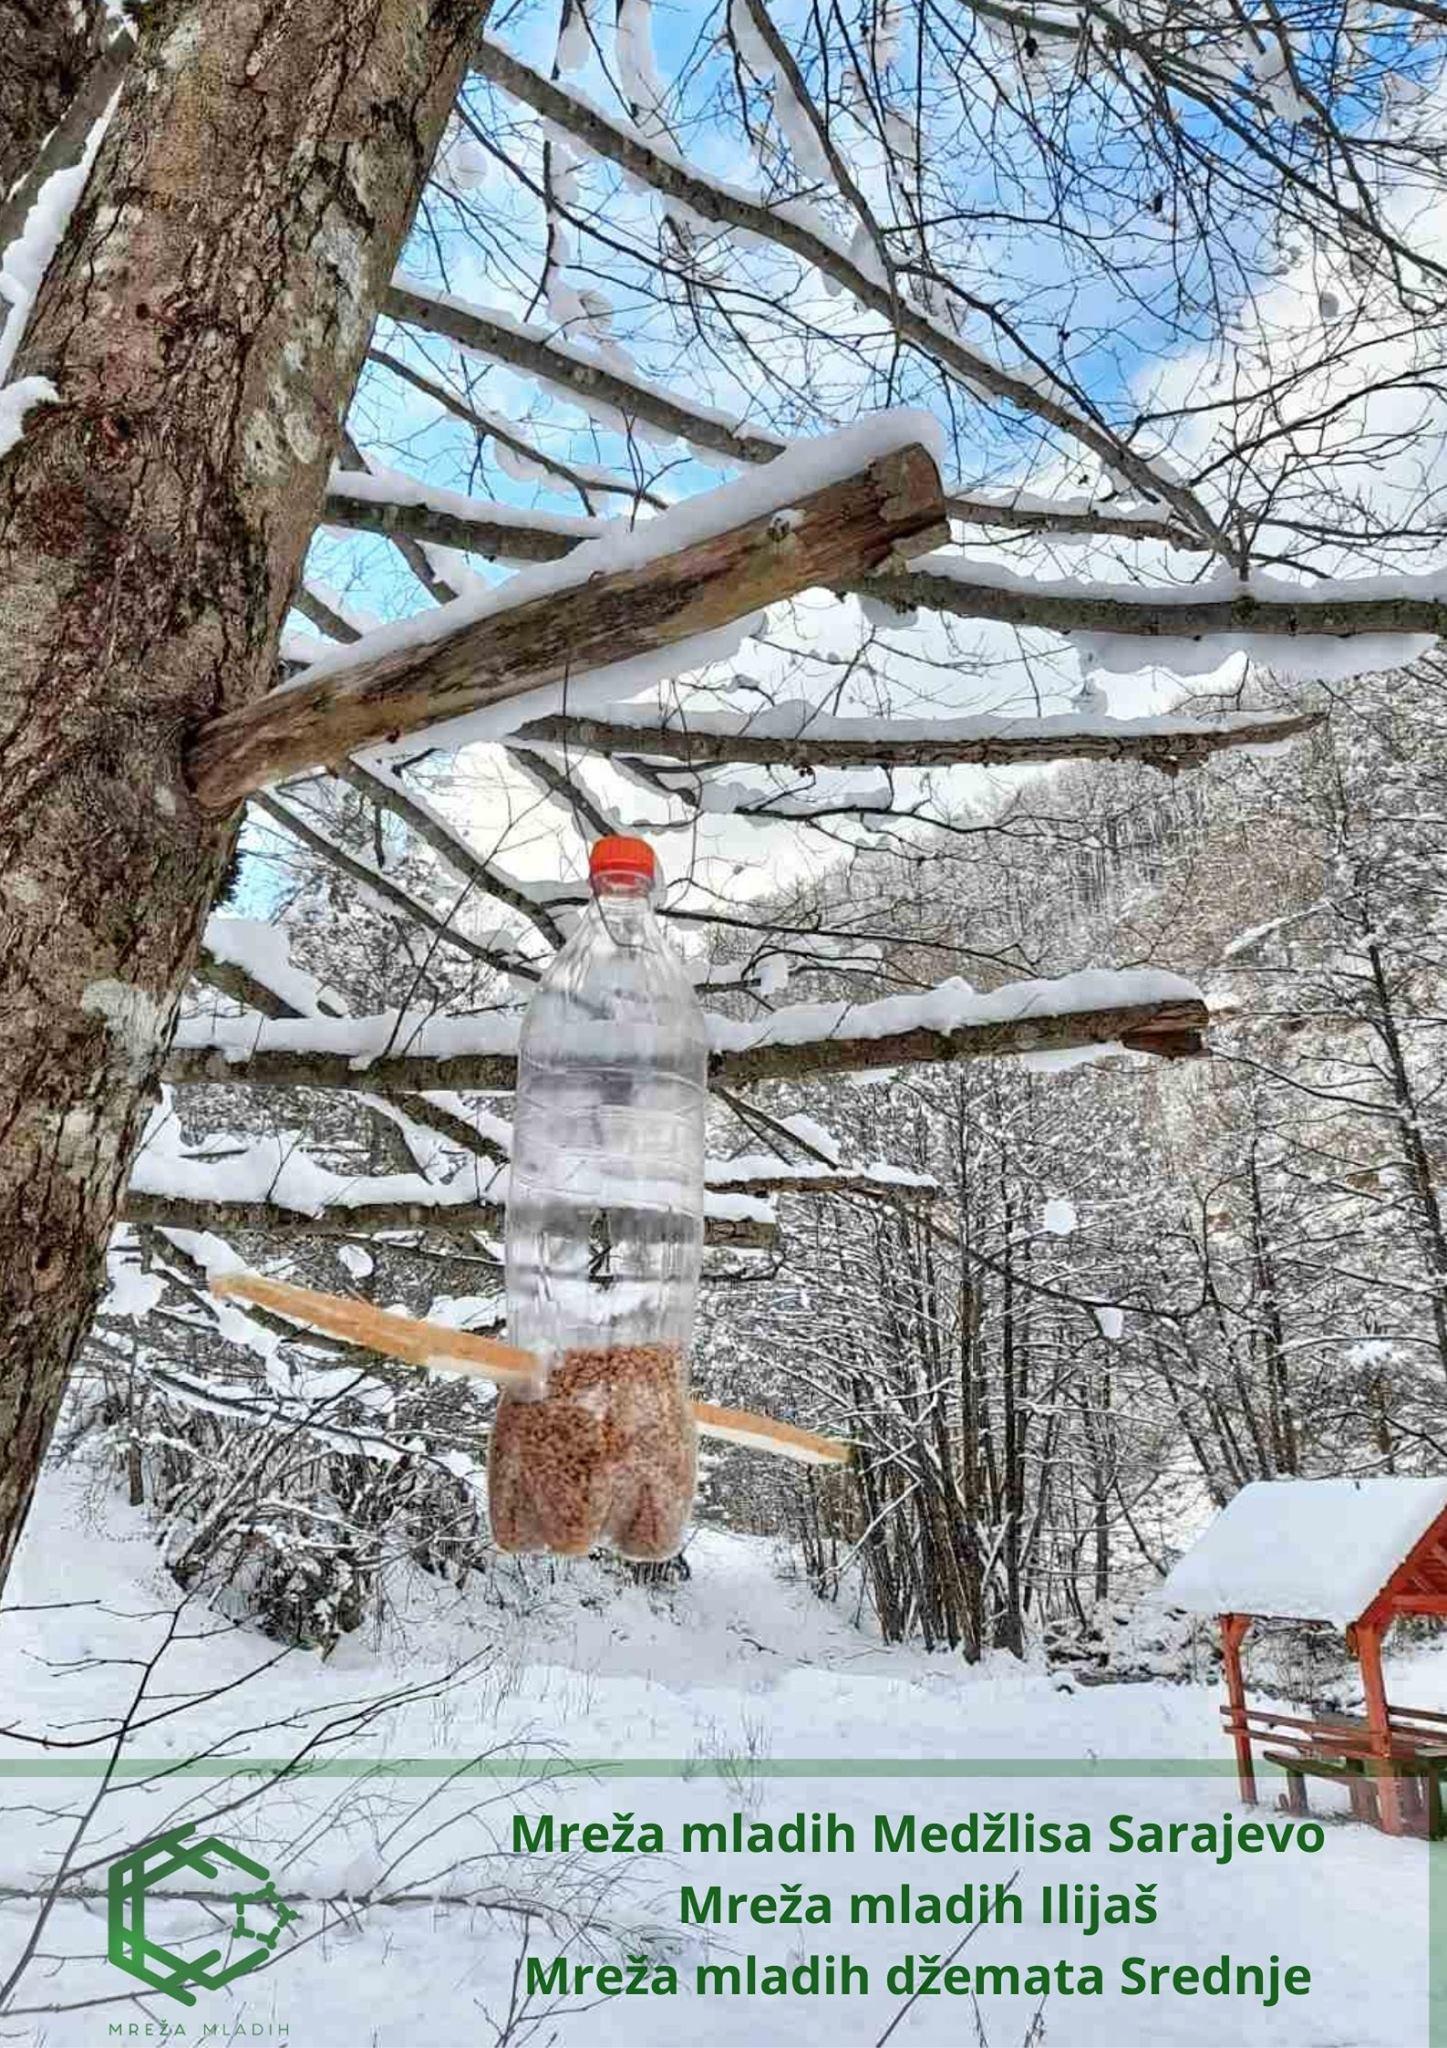 Džemat Srednje: Aktivisti Mreže mladih brinu o pticama tokom zime